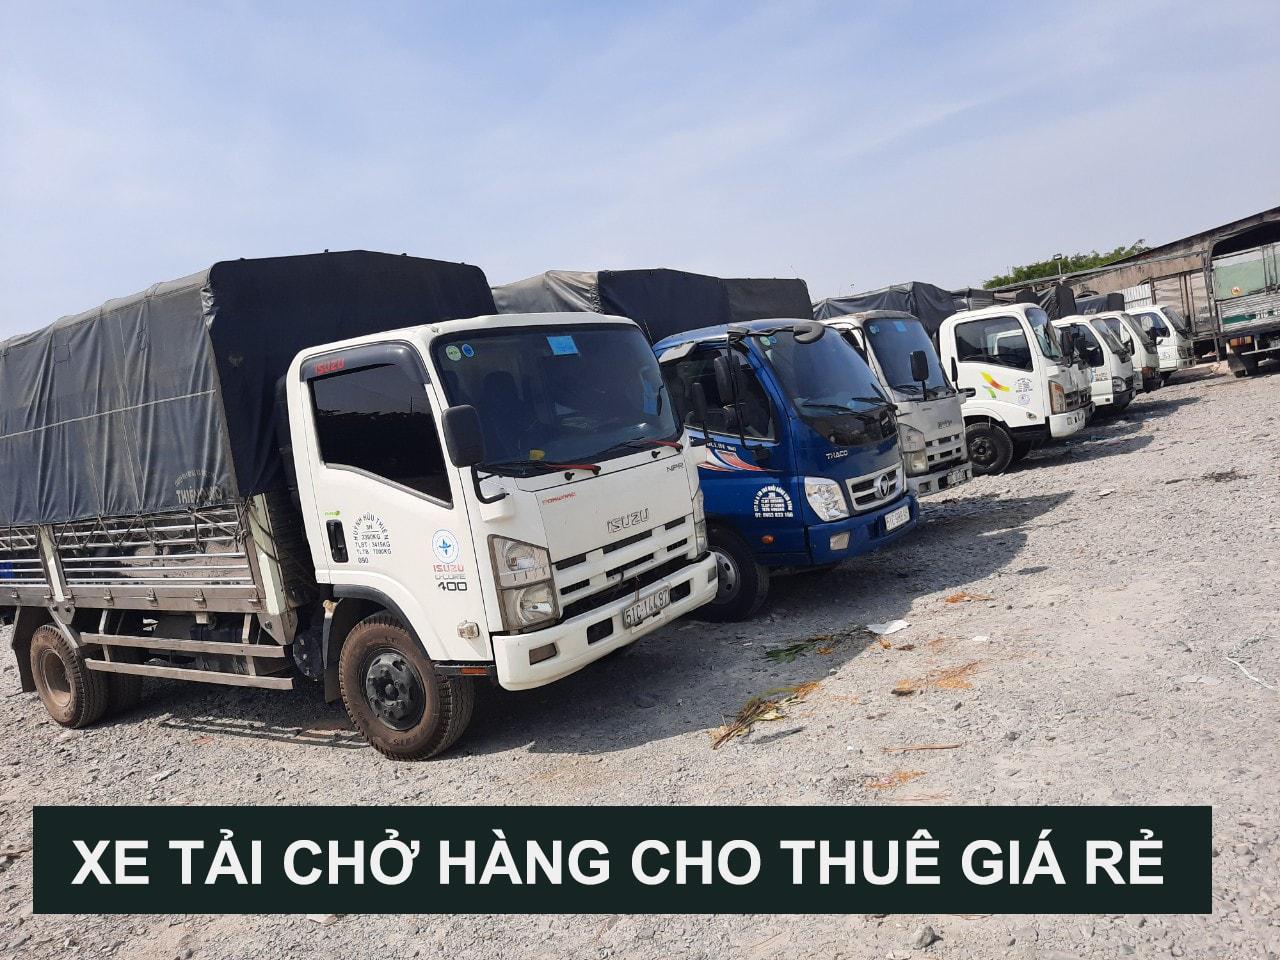 Dịch vụ cho thuê xe tải chở hàng 1 tấn giá rẻ uy tín tại tphcm